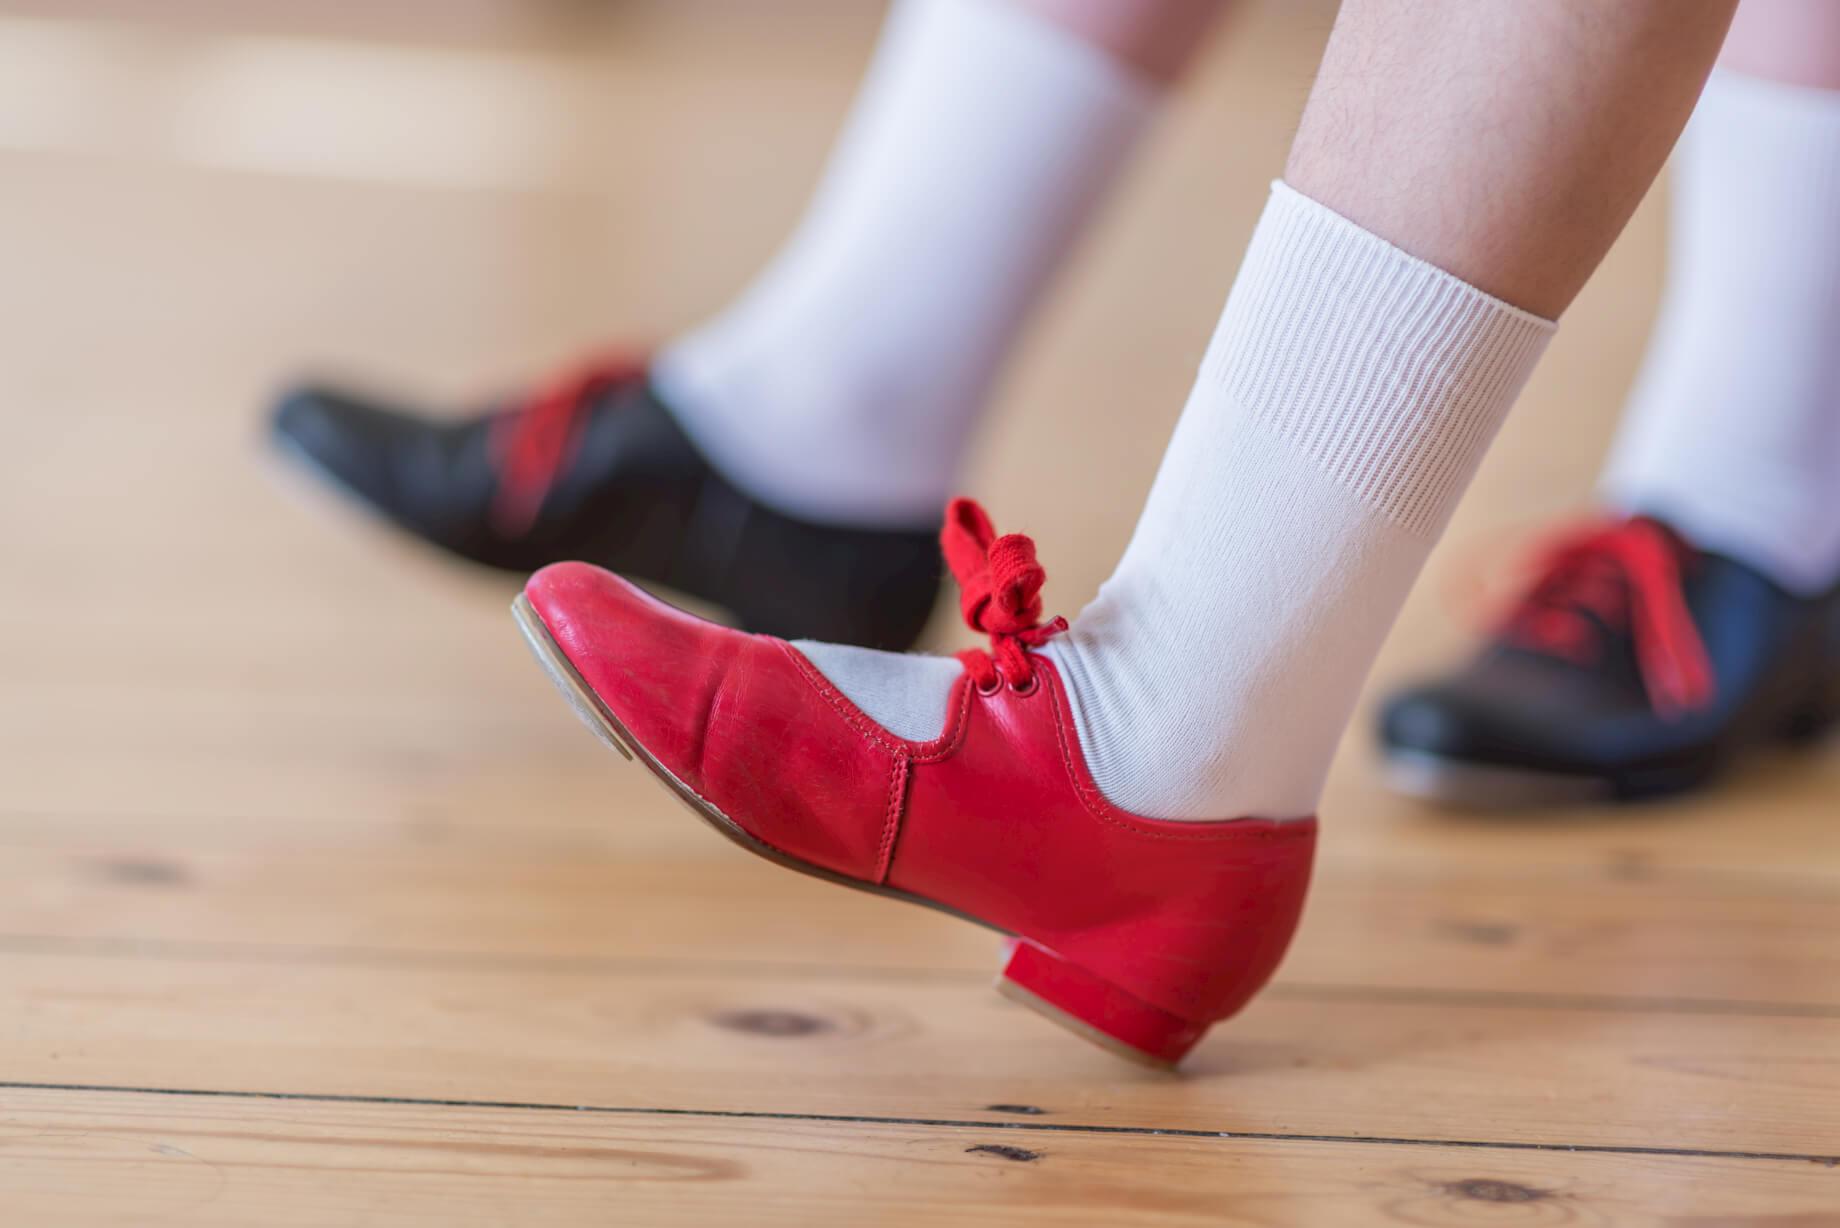 tap-shoes-red-detail-wood-floor-rnsd-rutleigh-norris-school-of-dance.jpg